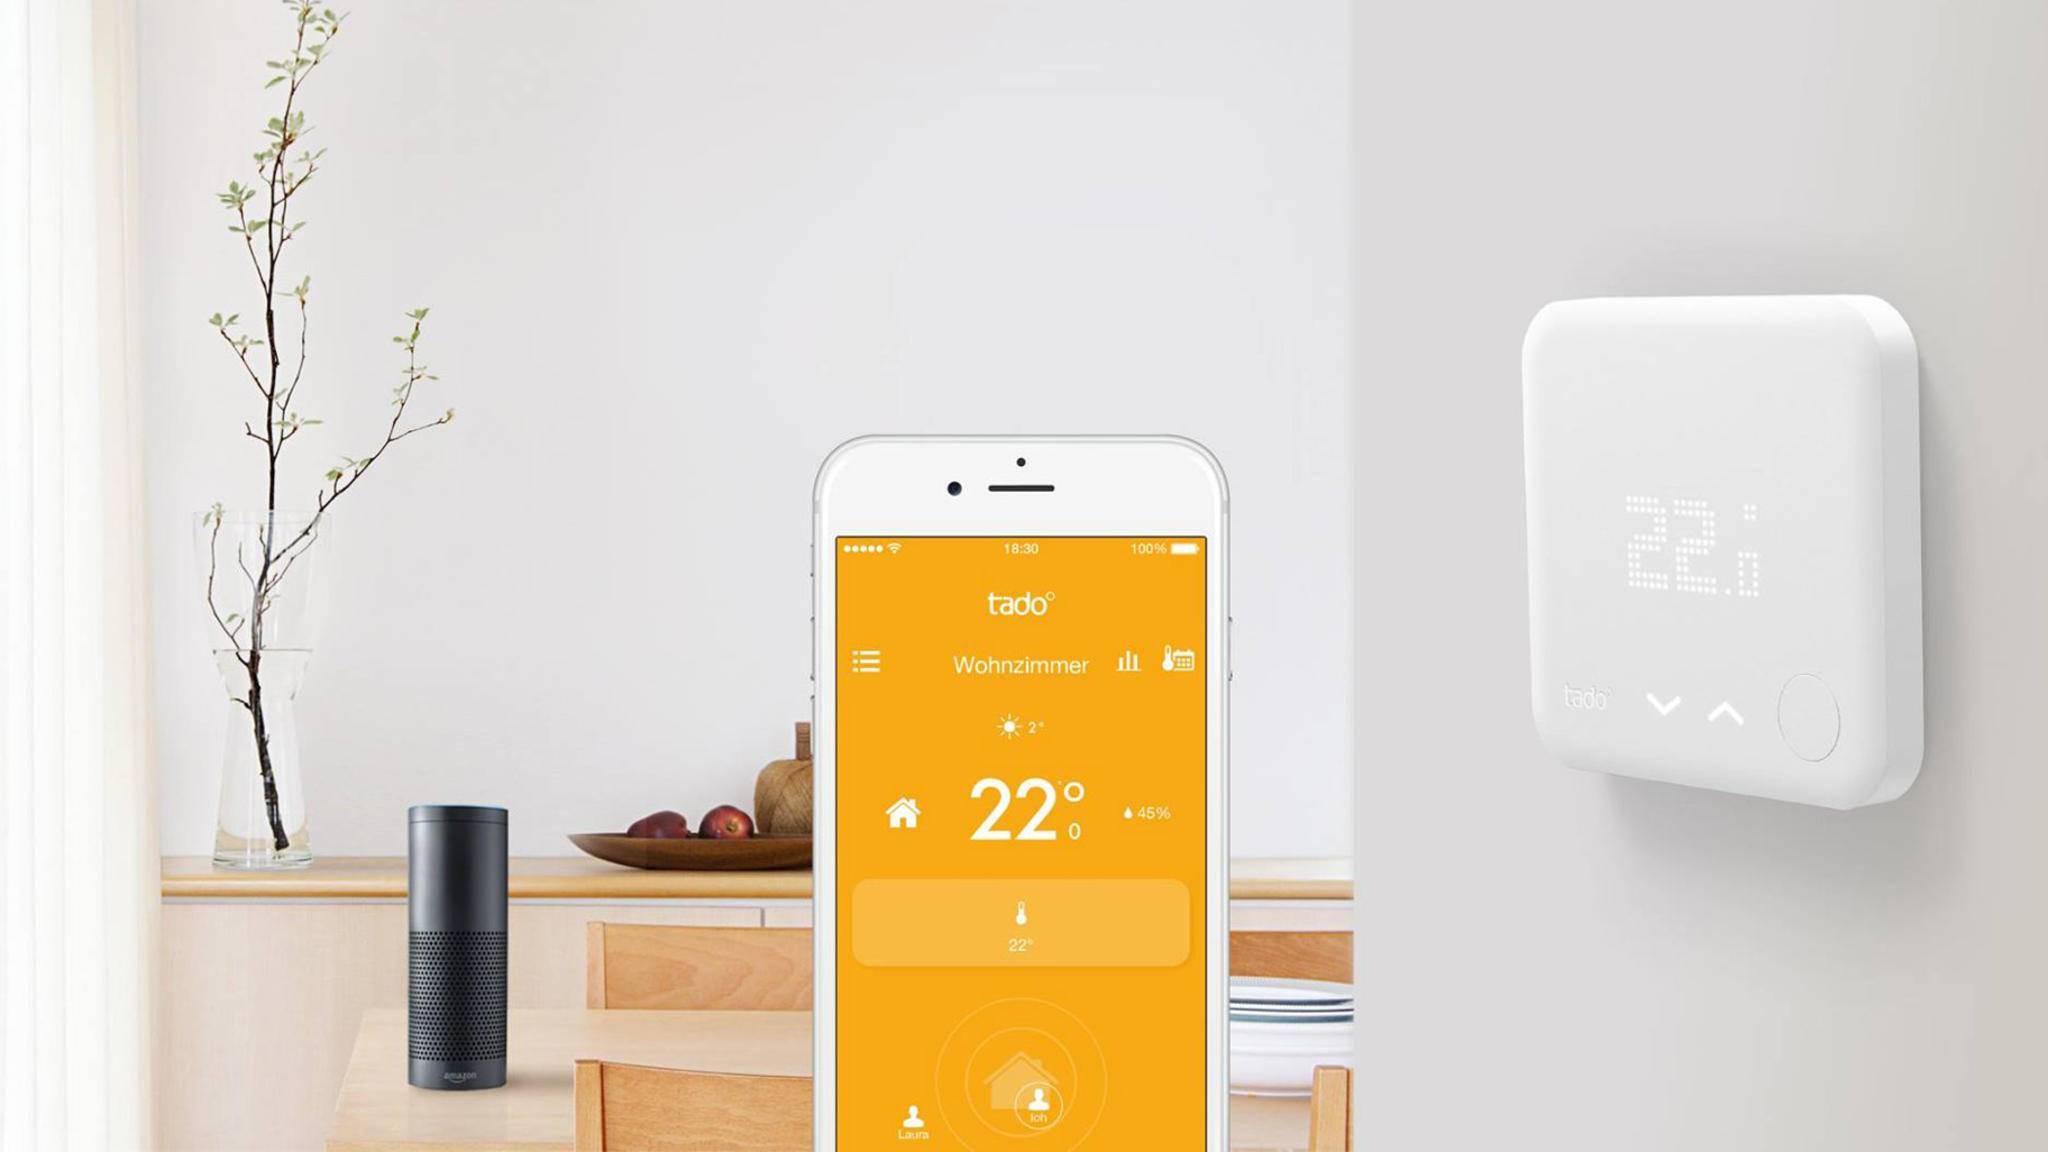 Das Münchner Start-up Tado bietet eine smarte Heizungssteuerung per App.